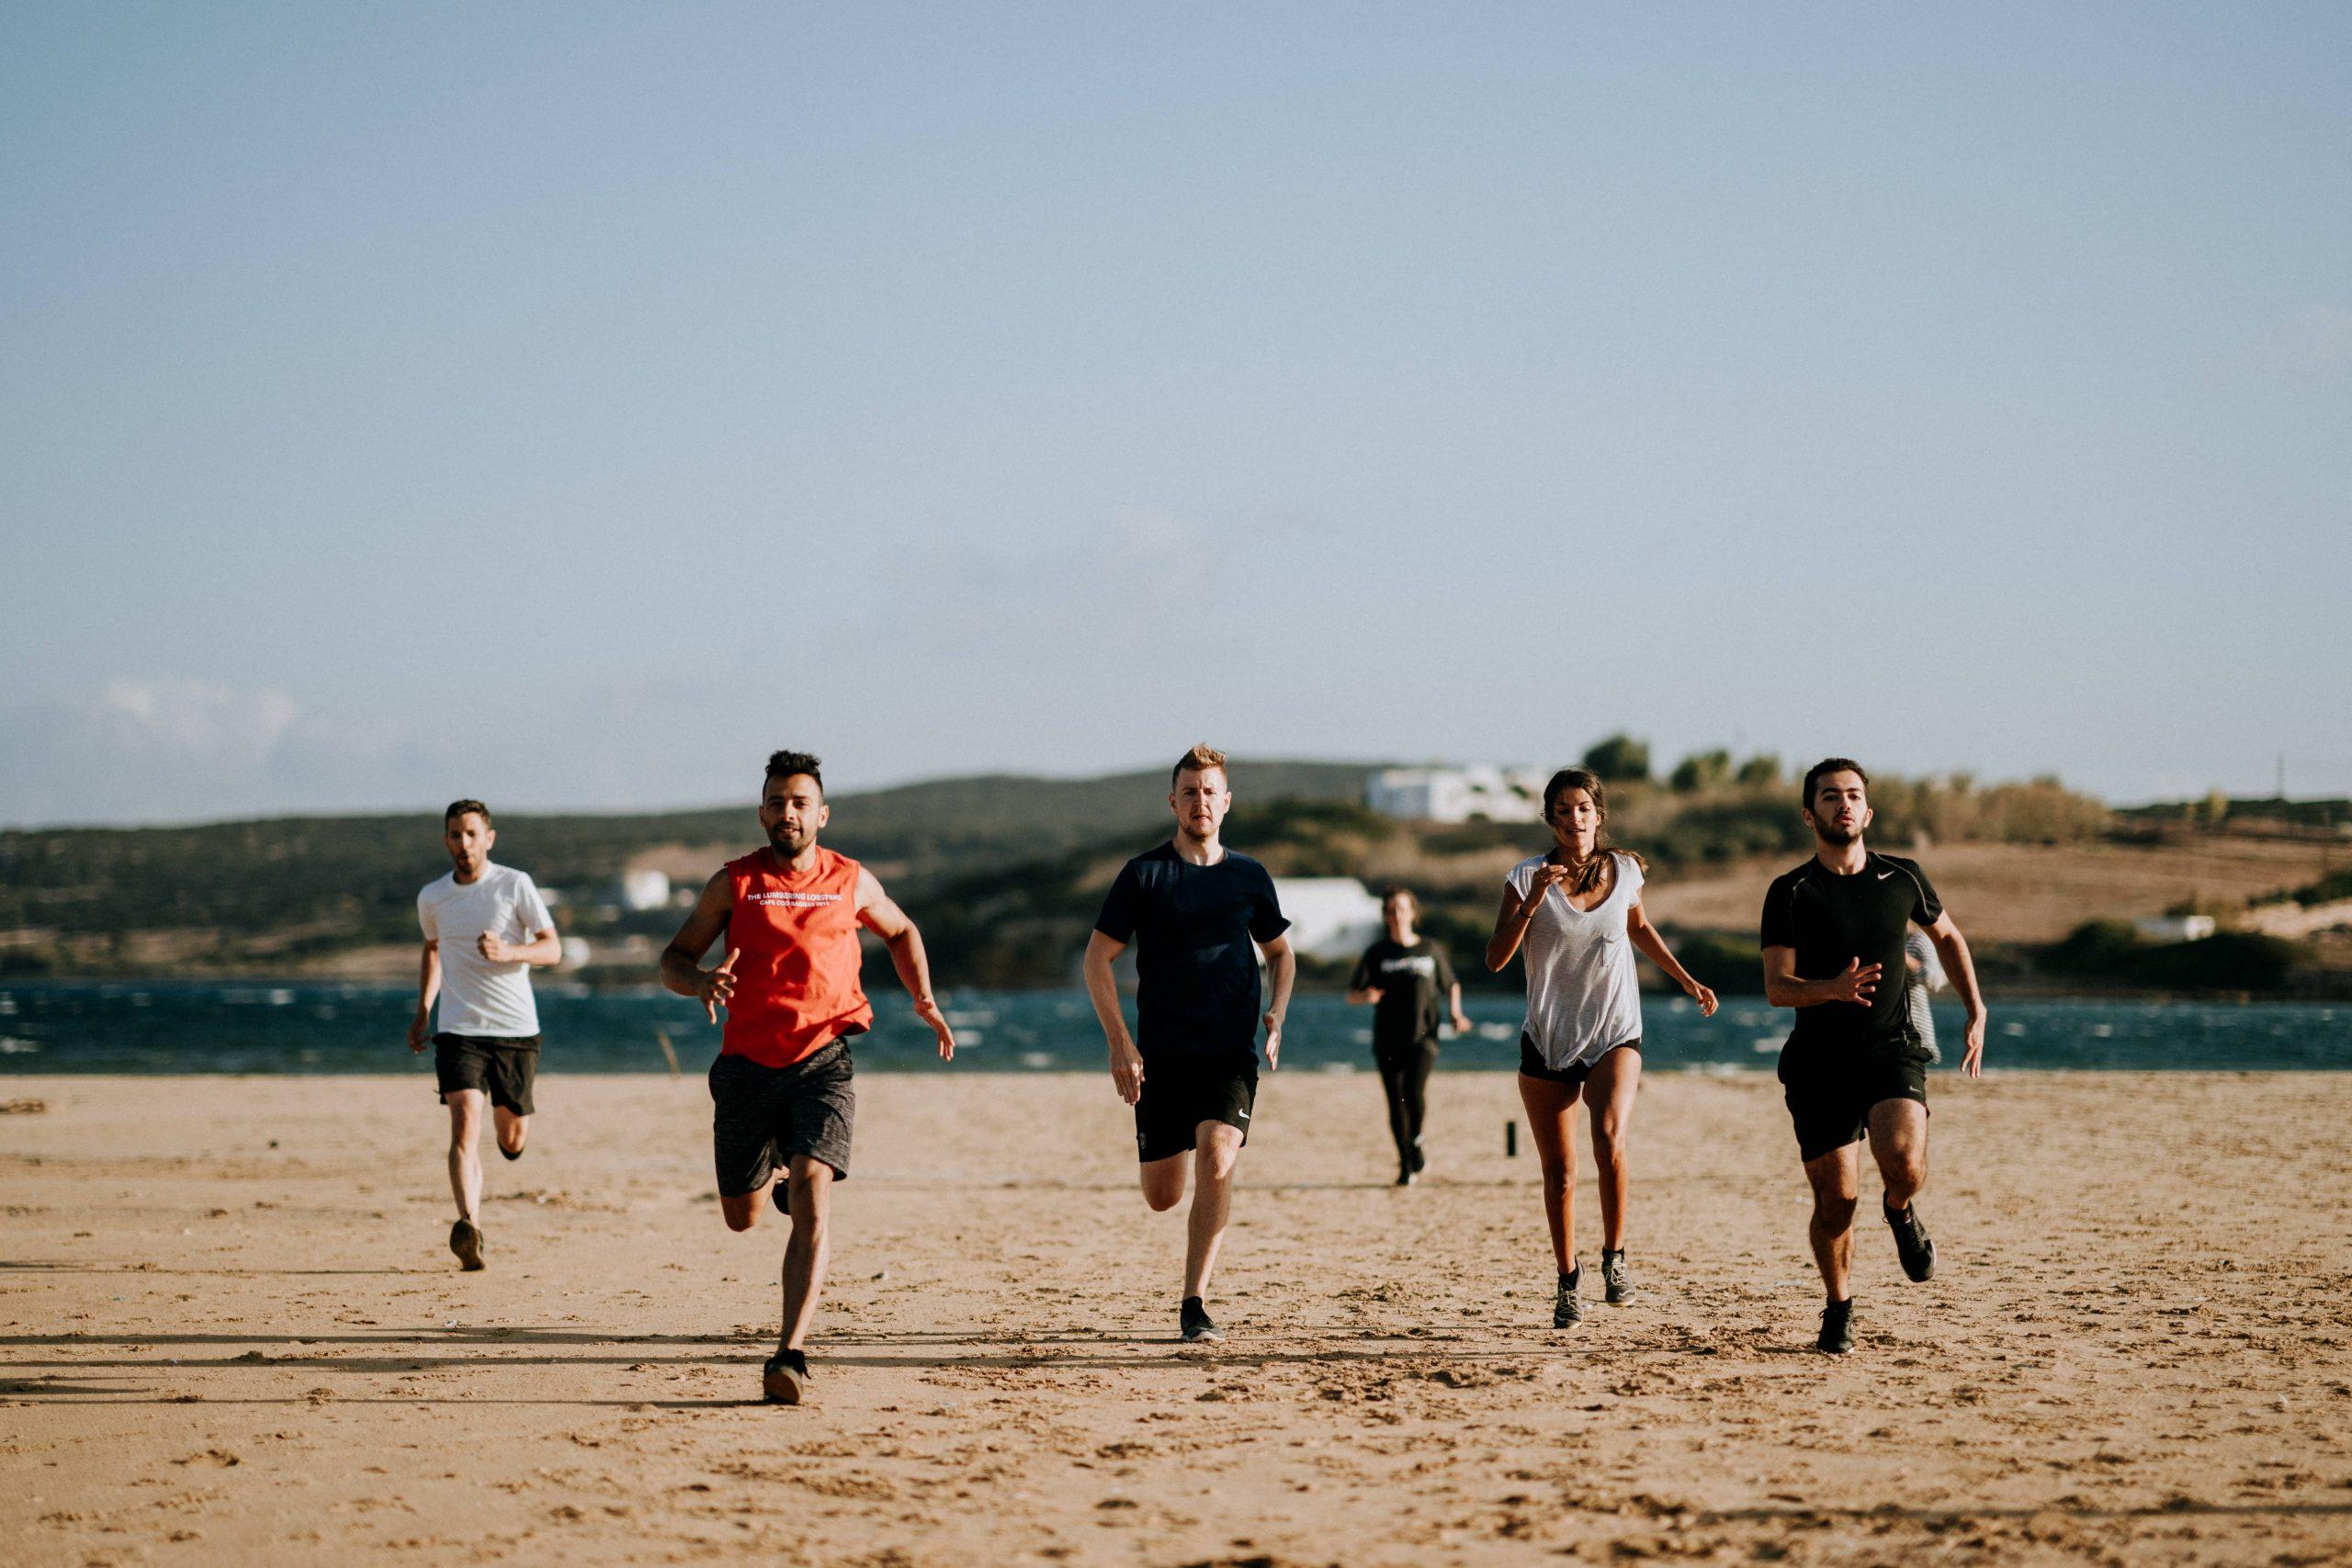 לרוץ עם חברים